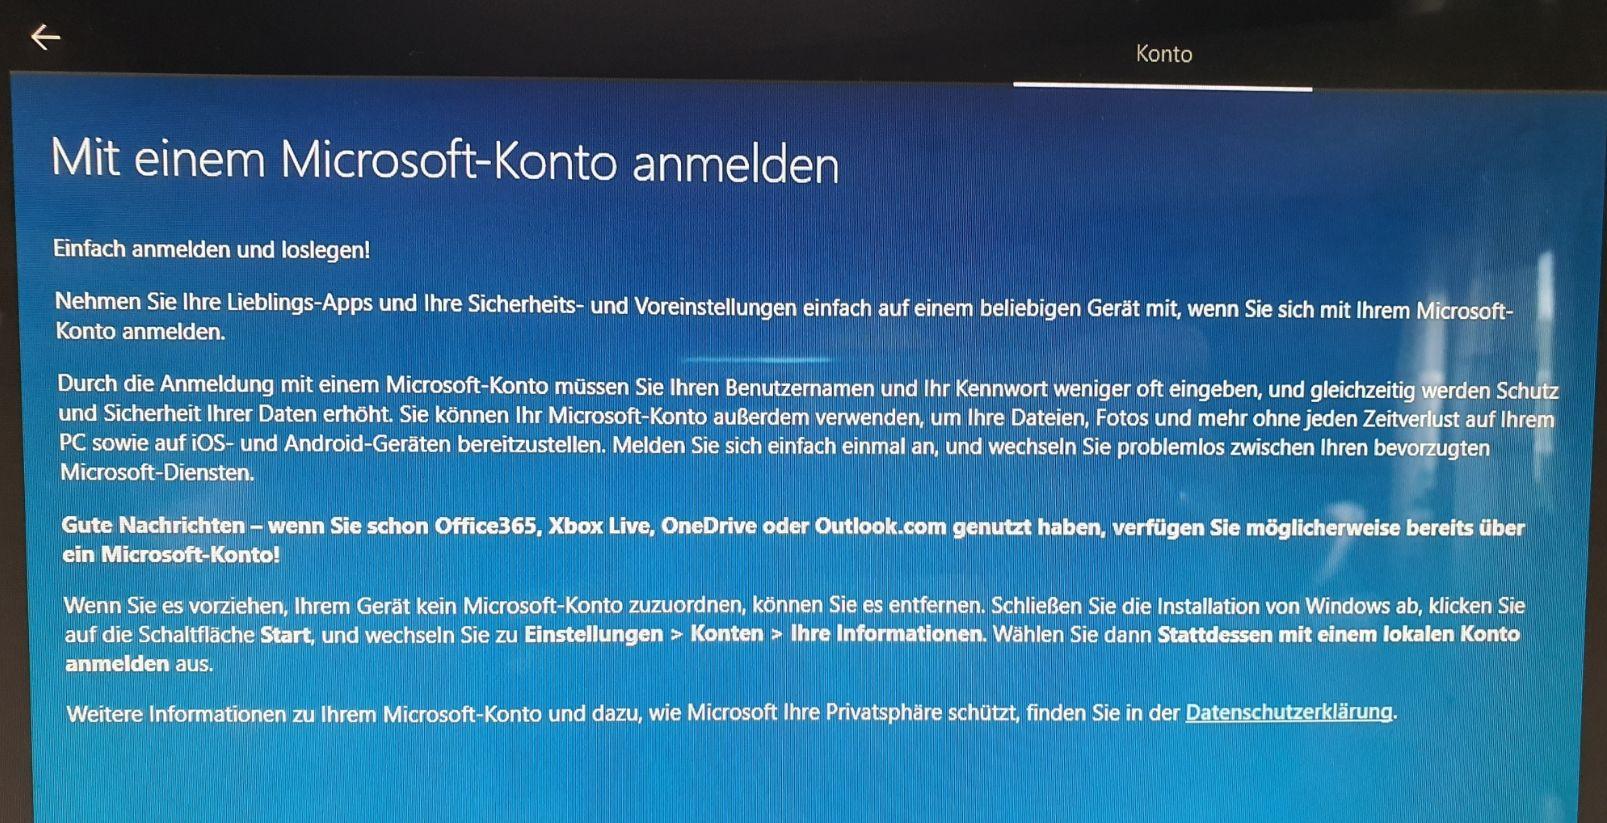 Das Setup von Windows 10 erzwingt die Verwendung eines Microsoft Kontos